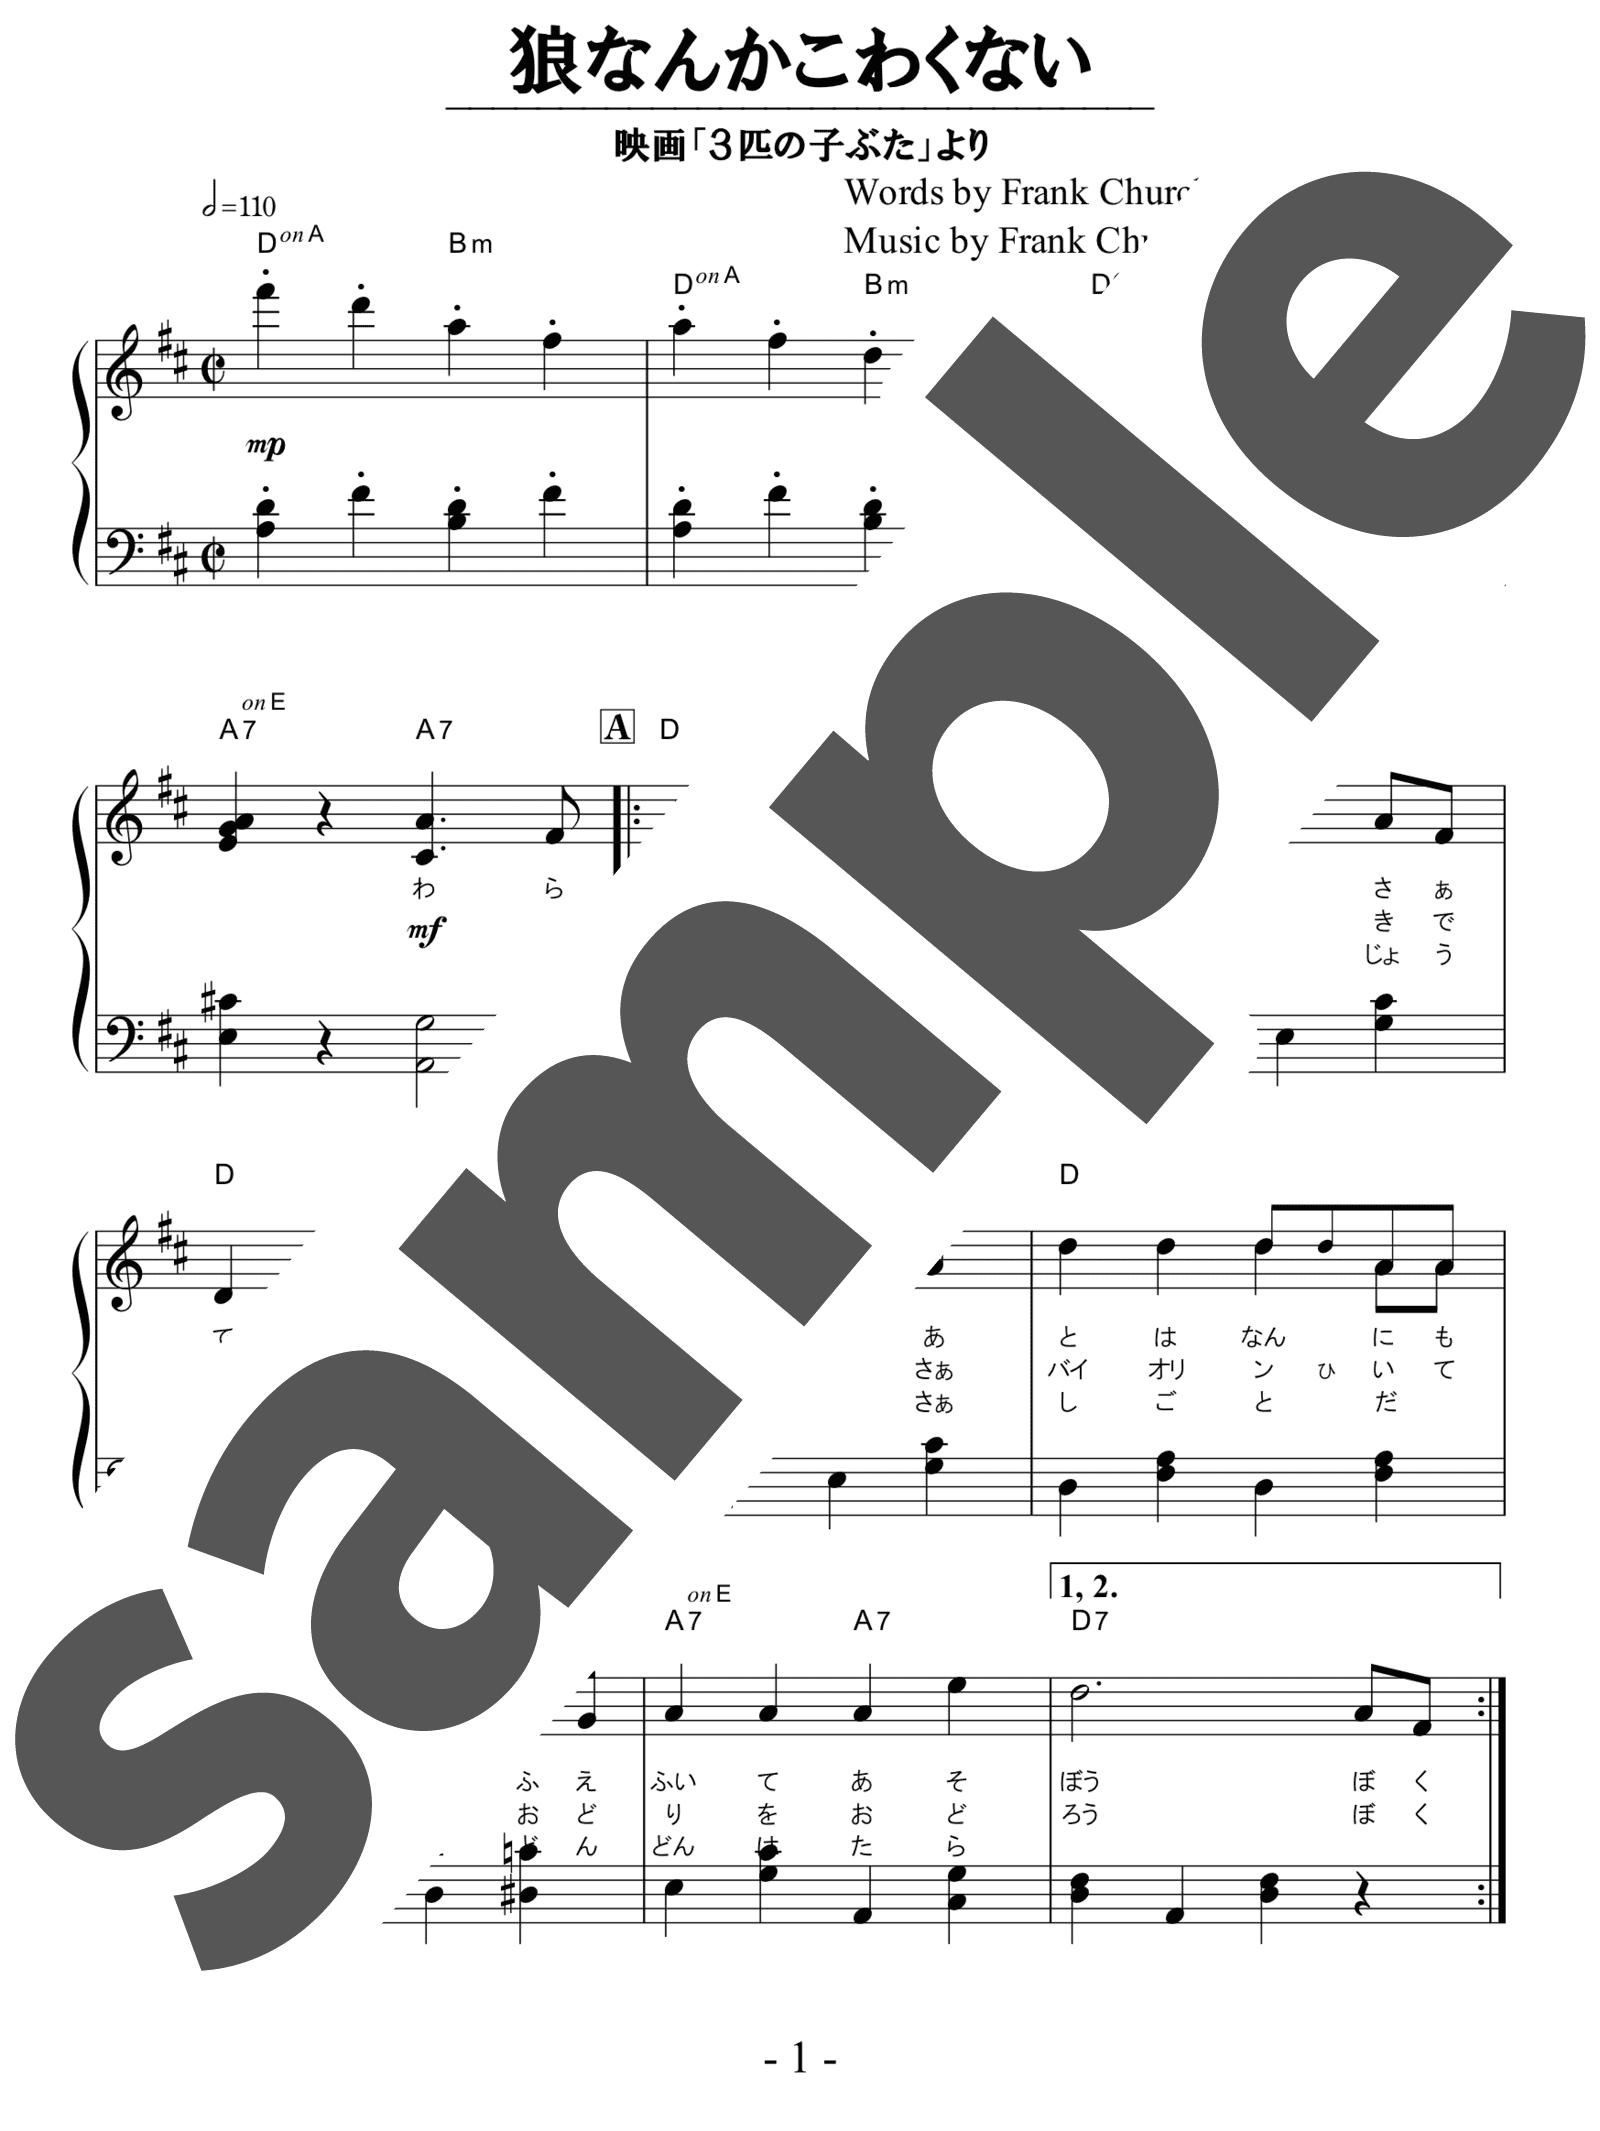 「狼なんかこわくない」のサンプル楽譜